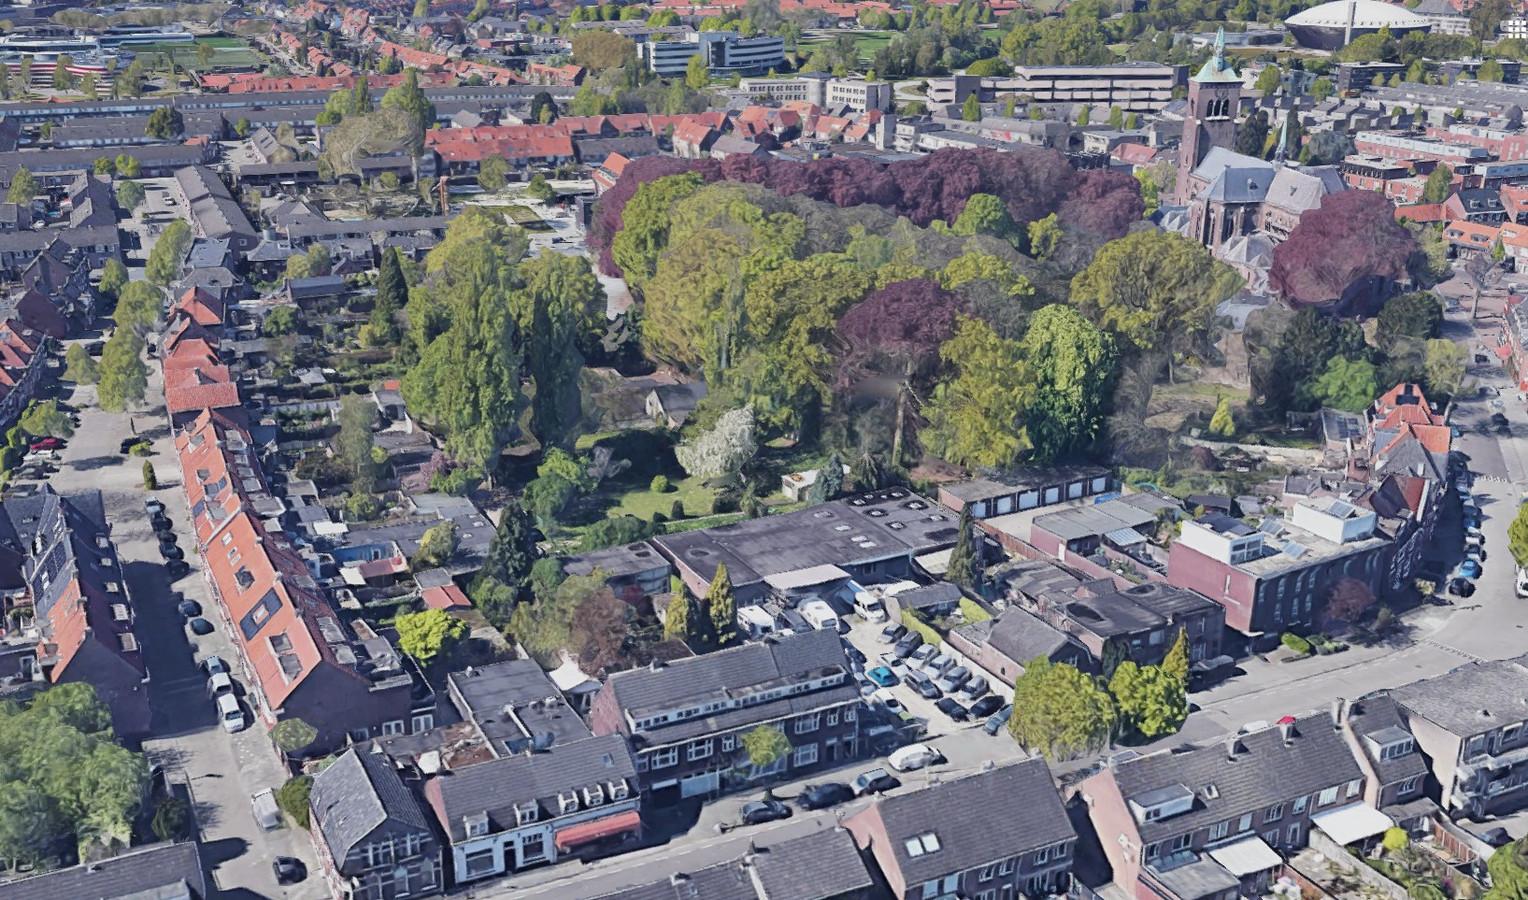 De Strijpsestraat in Eindhoven (voorgrond). Op de locatie van autobedrijf Van der Wiel is een plan gemaakt voor onder andere studentenhuisvesting.